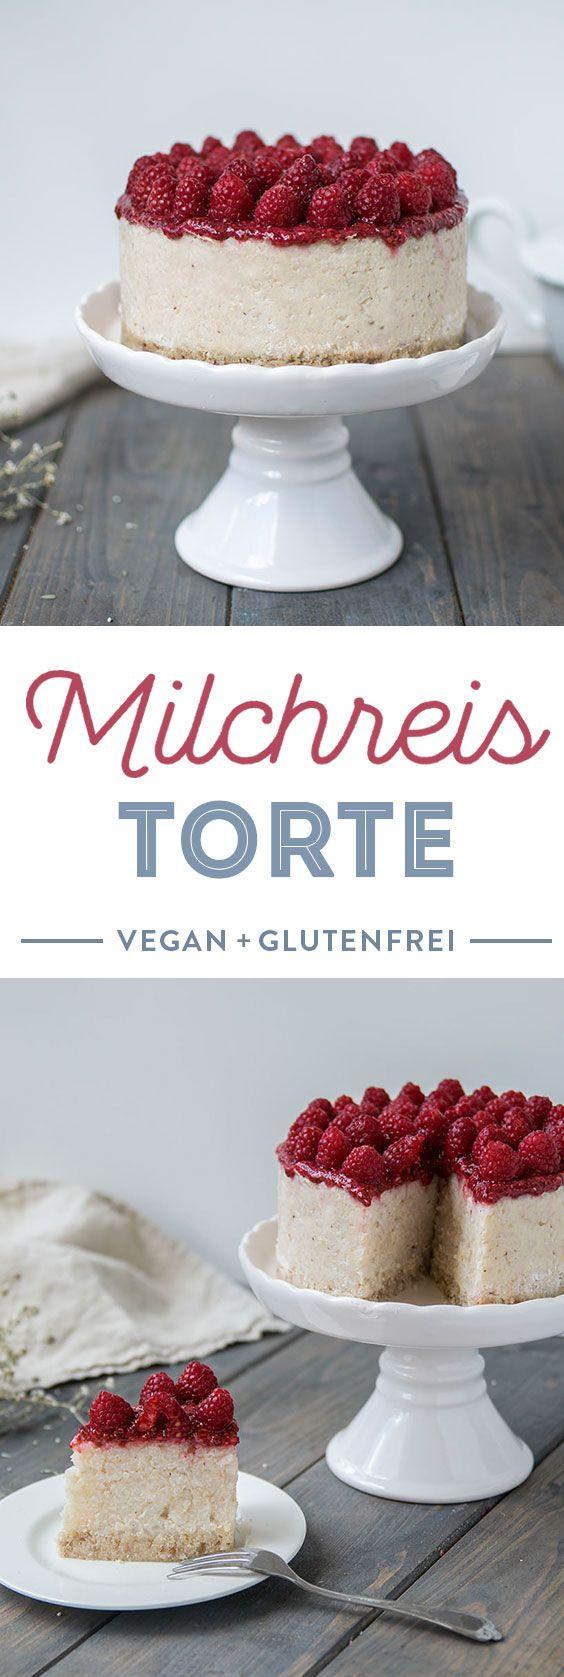 Rezept für vegan und glutenfreie Milchreis Torte mit Kokos